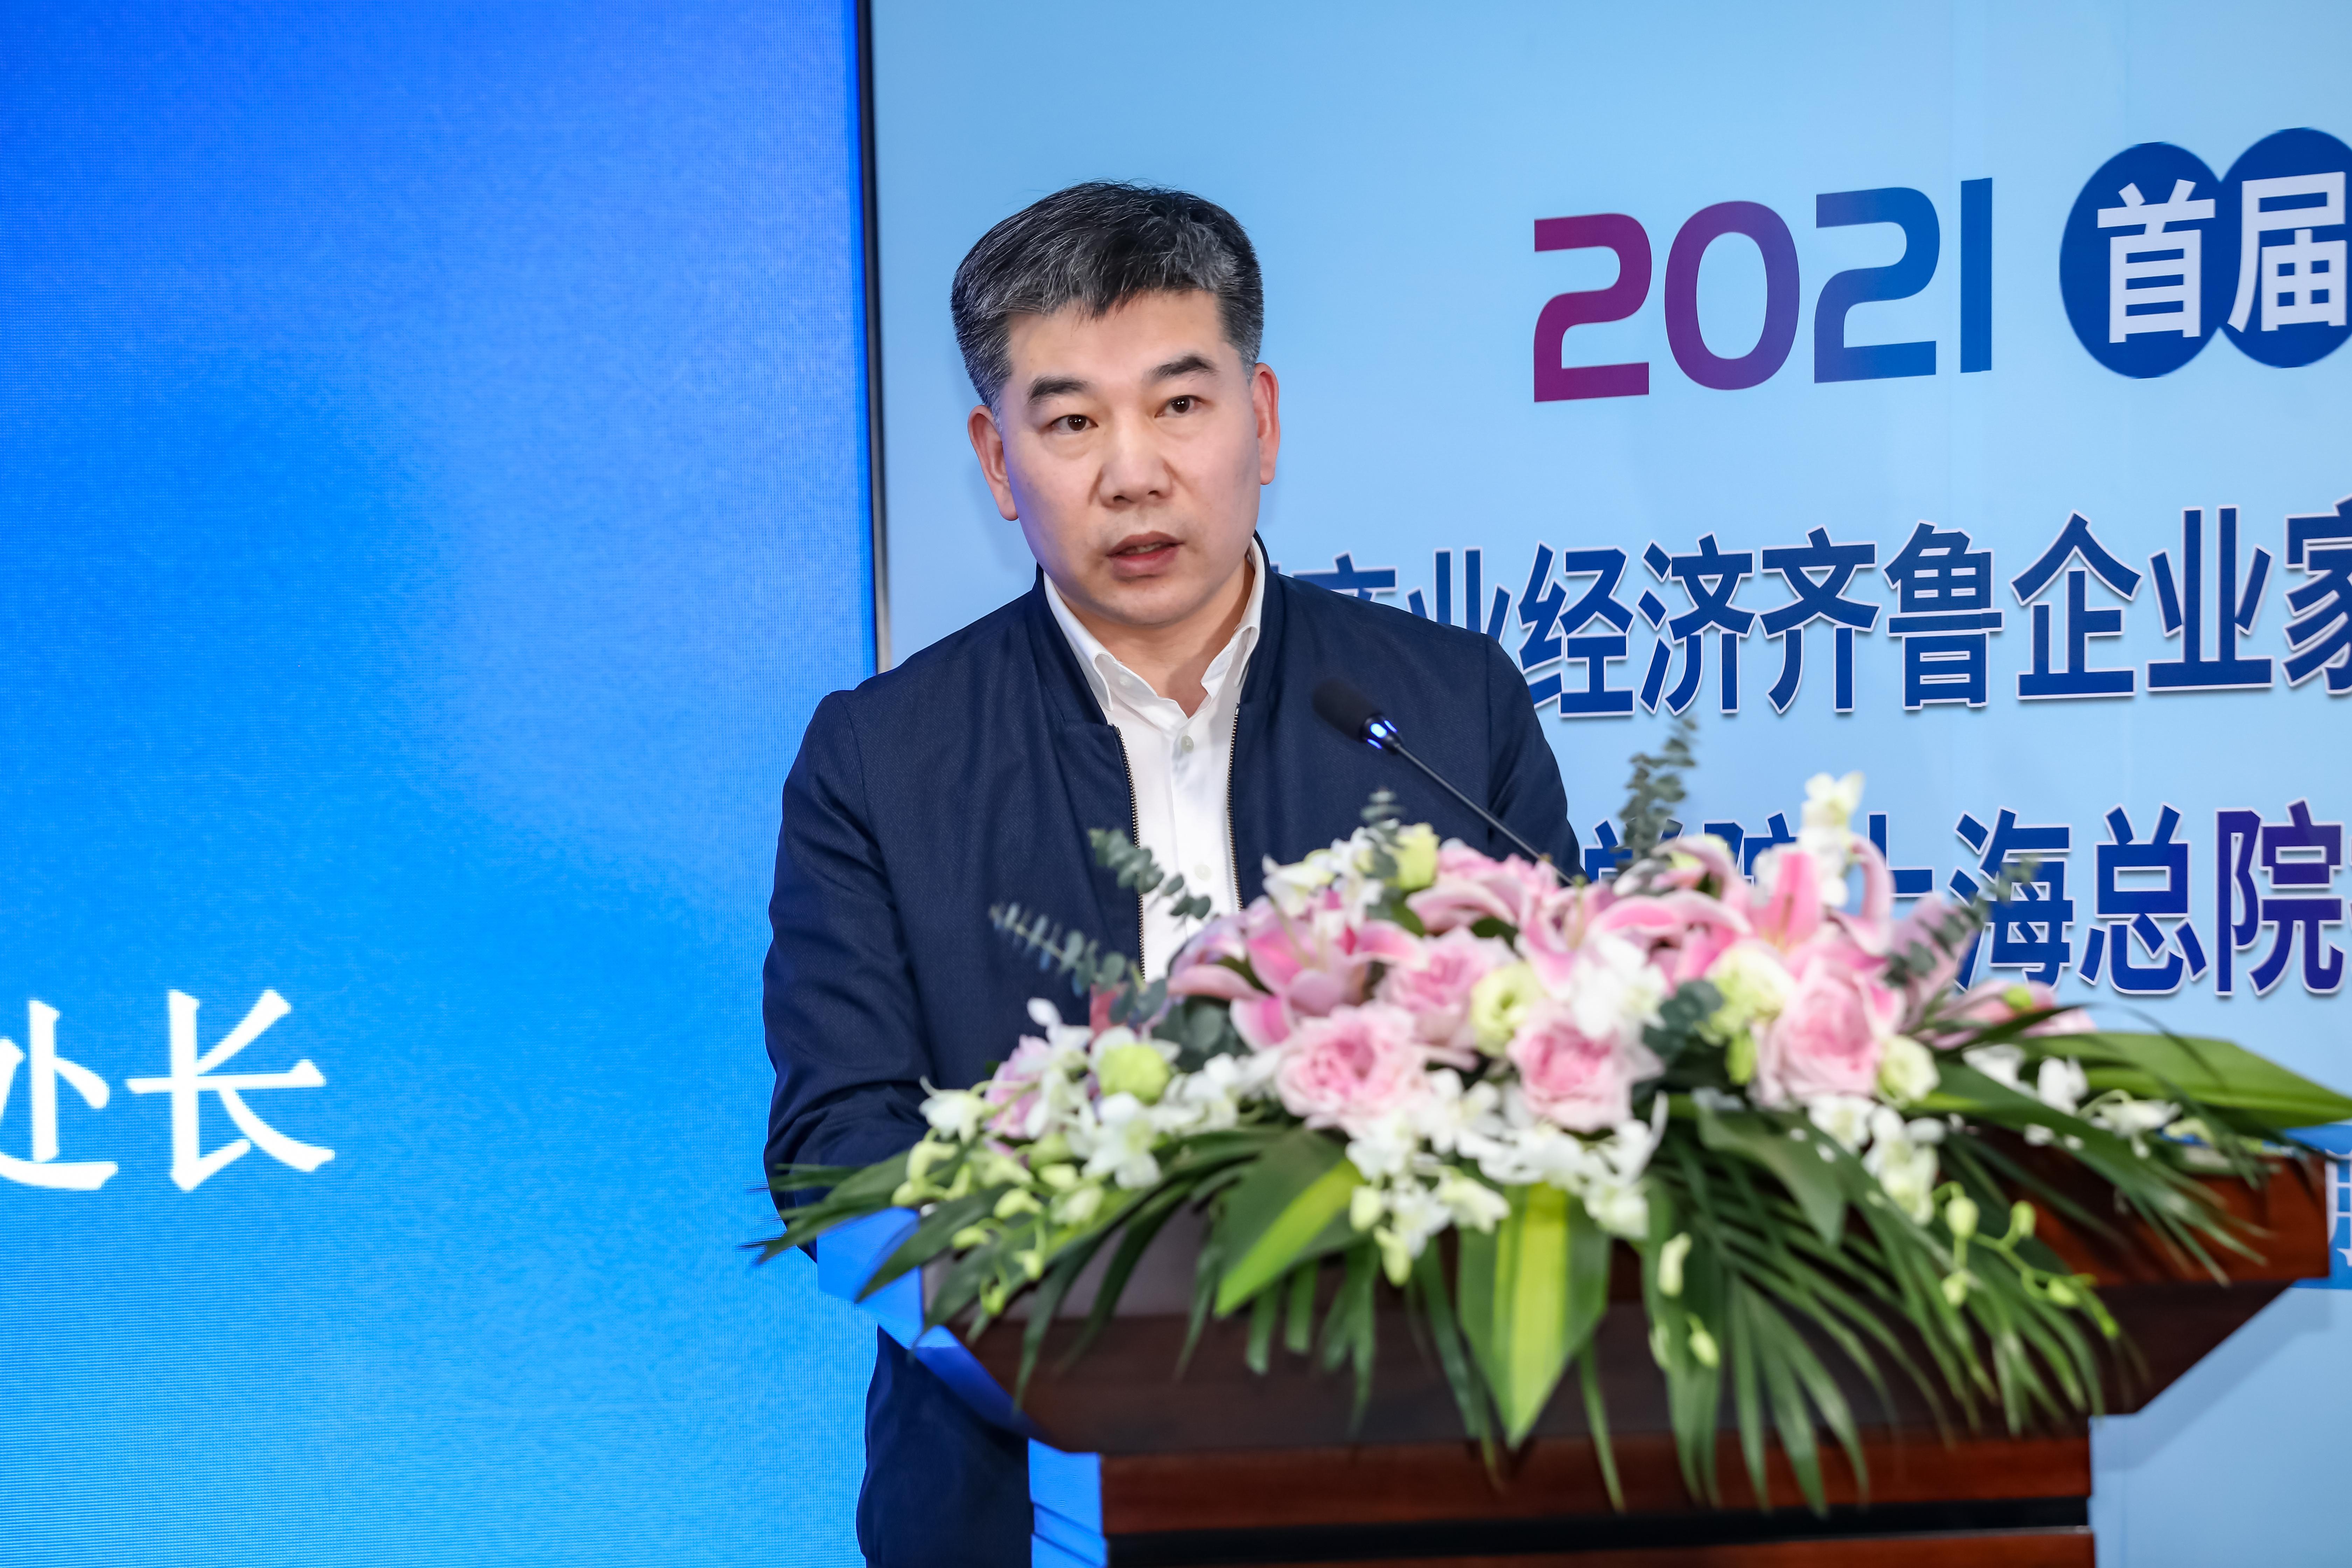 齐鲁商学院上海总院揭牌 未来将聚焦智库平台建设等方面